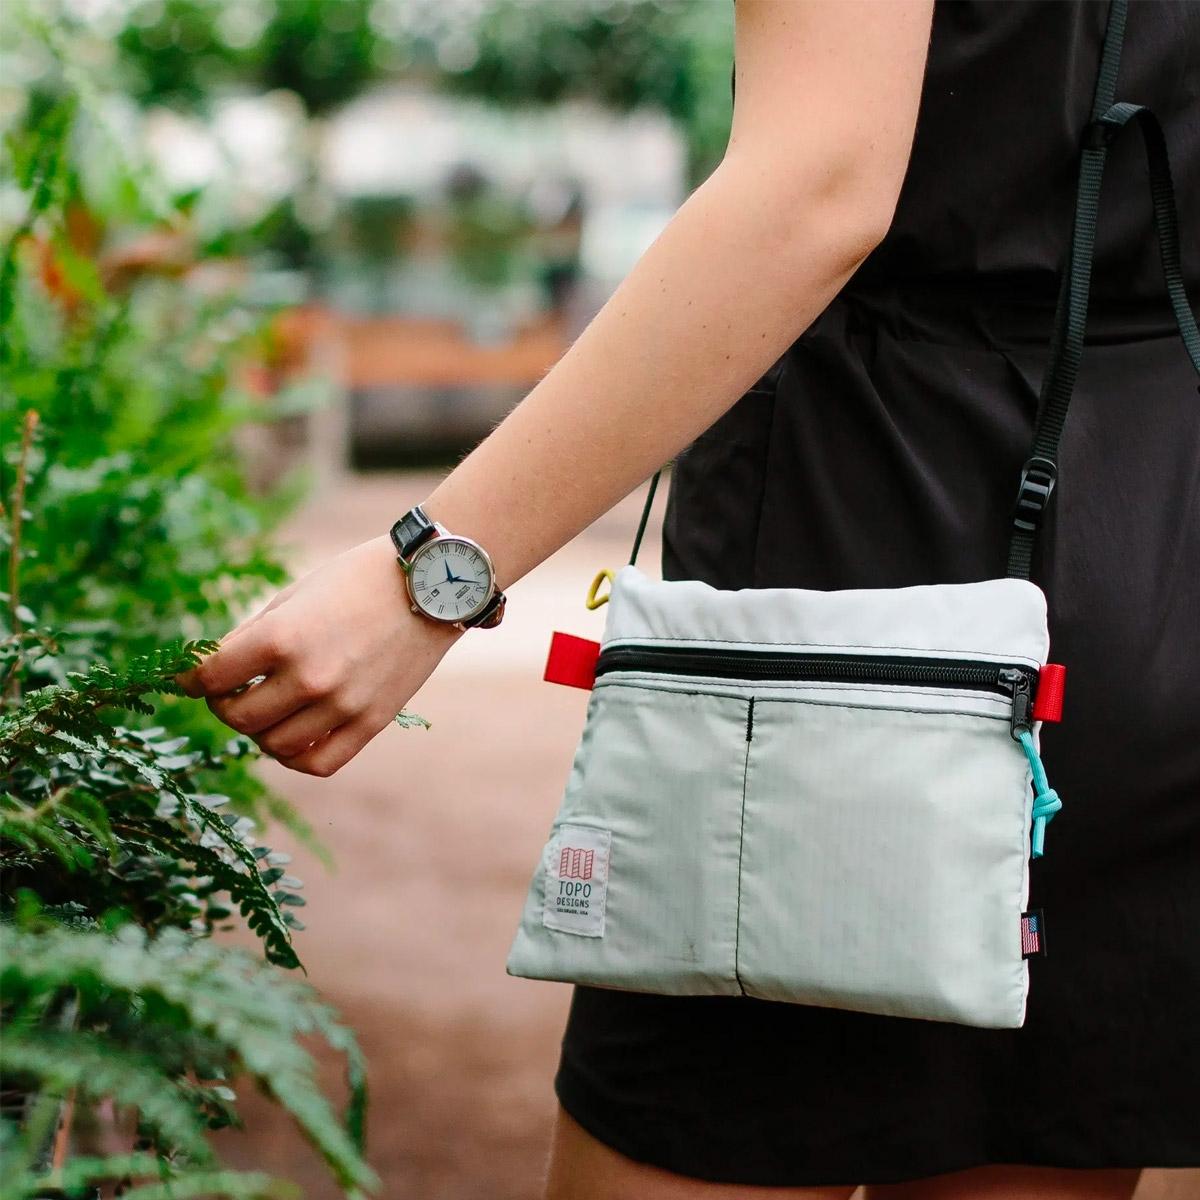 Topo Designs Accessory Shoulder Bag, kleine crossbody tas met externe vakken voor telefoon of sleutels